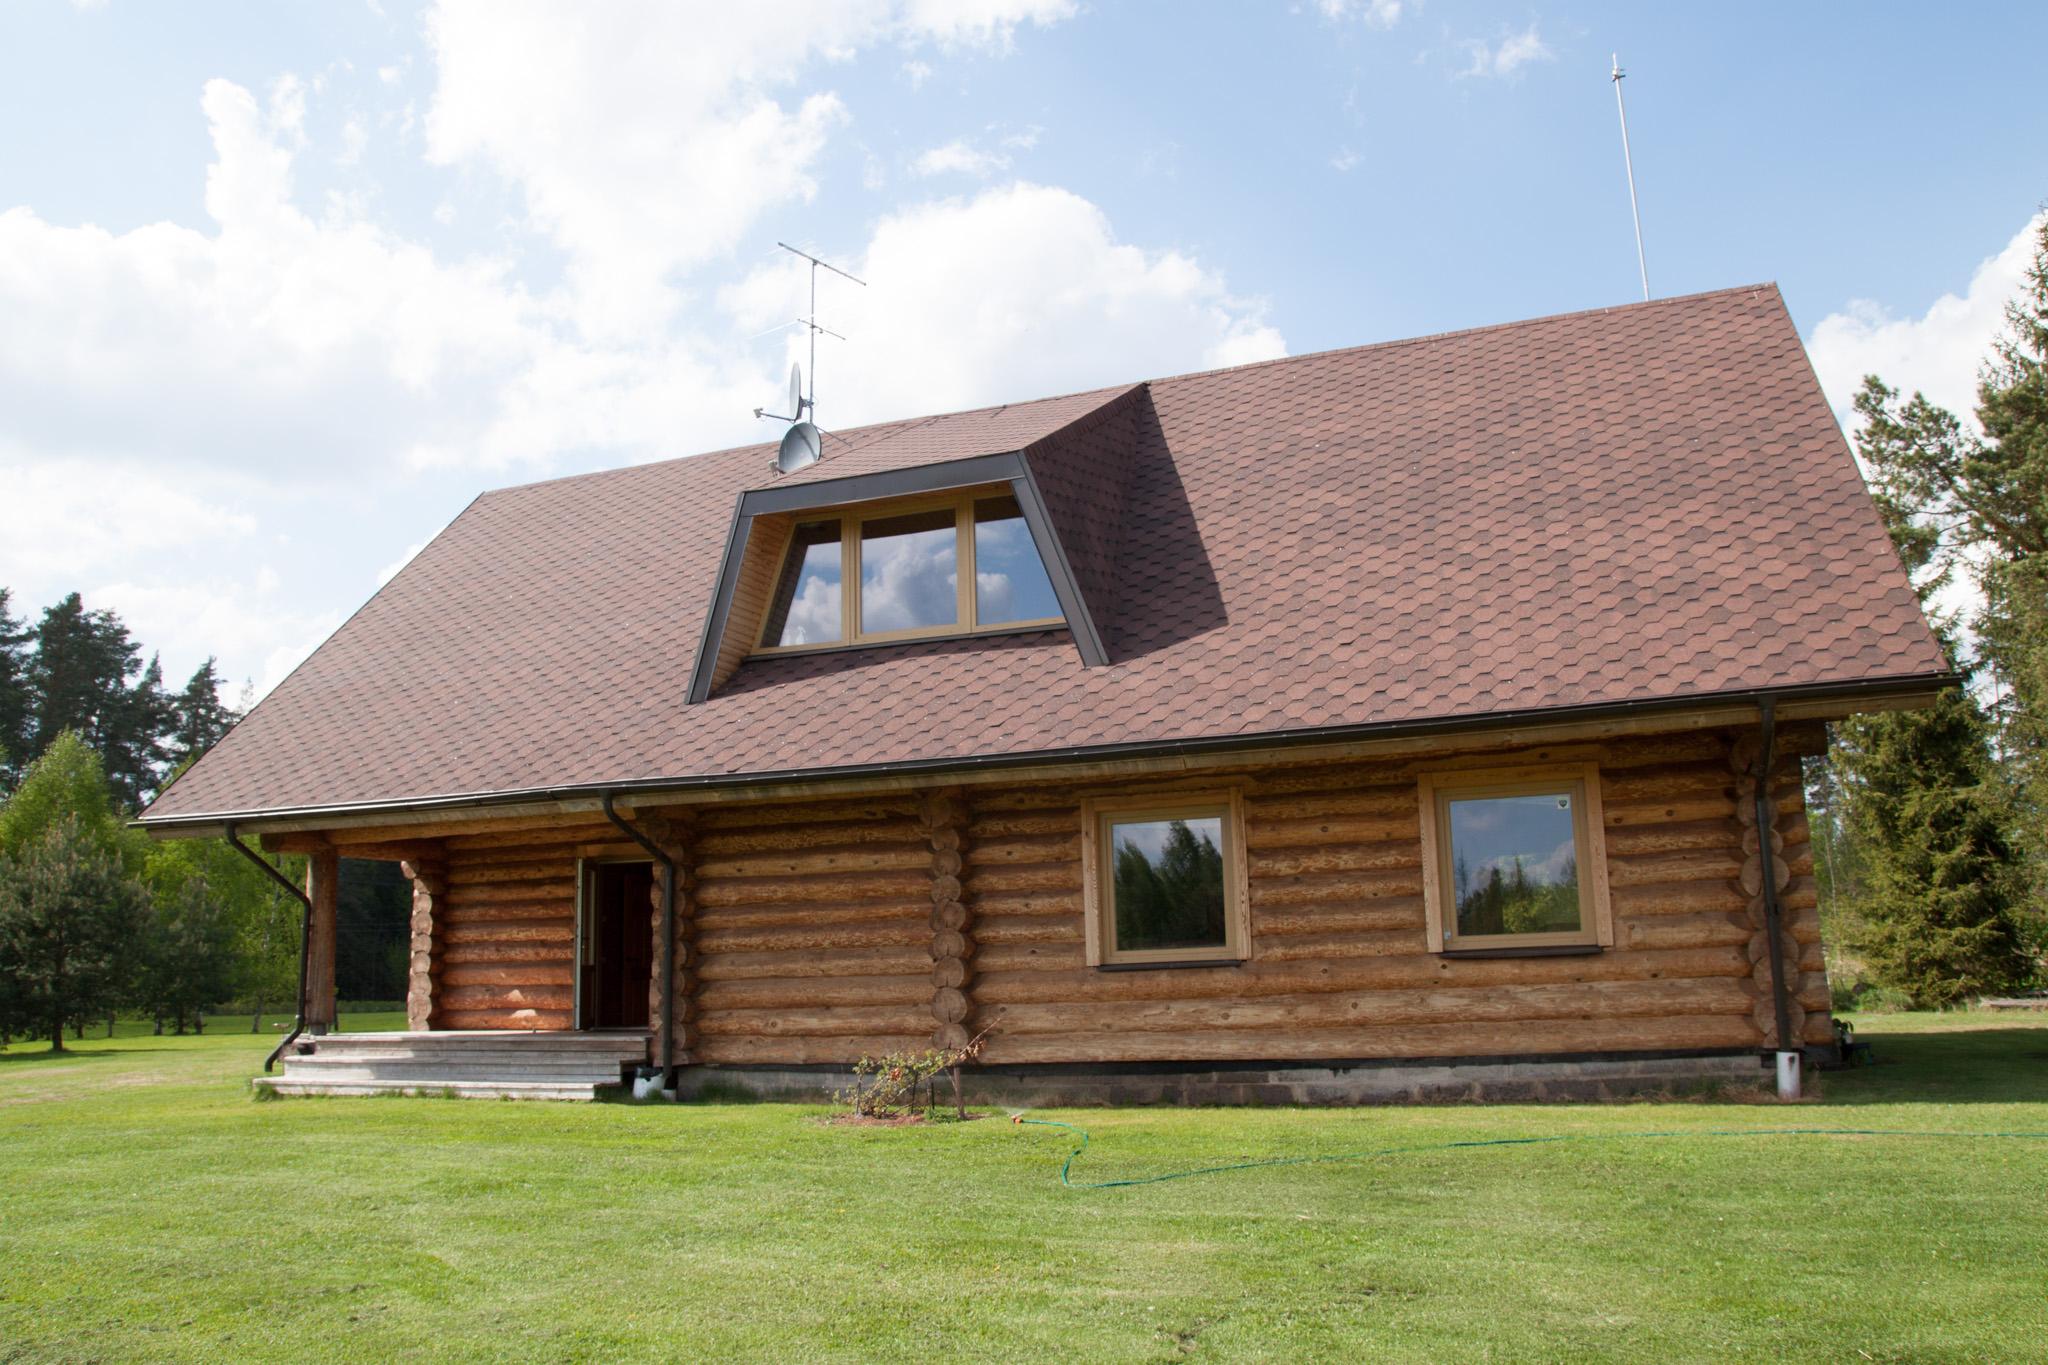 Ferienhaus in der Nhe der Riga die von Wldern umgeben ist